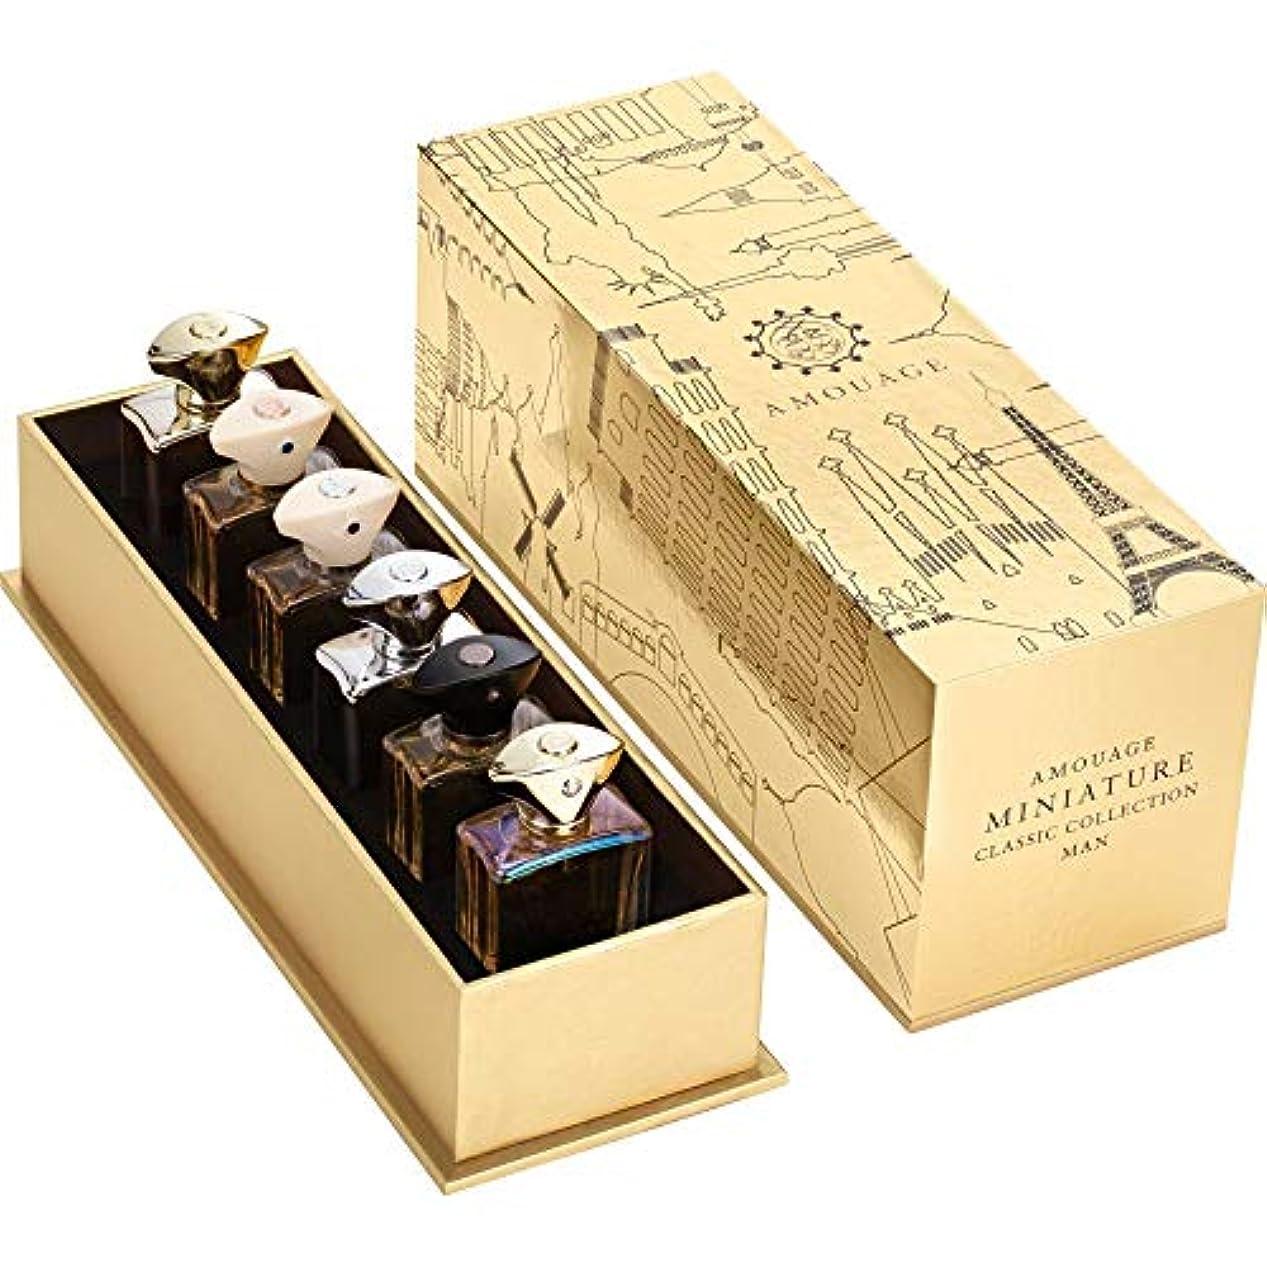 頼む葡萄漏斗AMOUAGE Miniatures Bottles Collection Classic Men's Fragrance Set(アムアージュ ミニチュアコレクションセット クラシック マン) [並行輸入品]